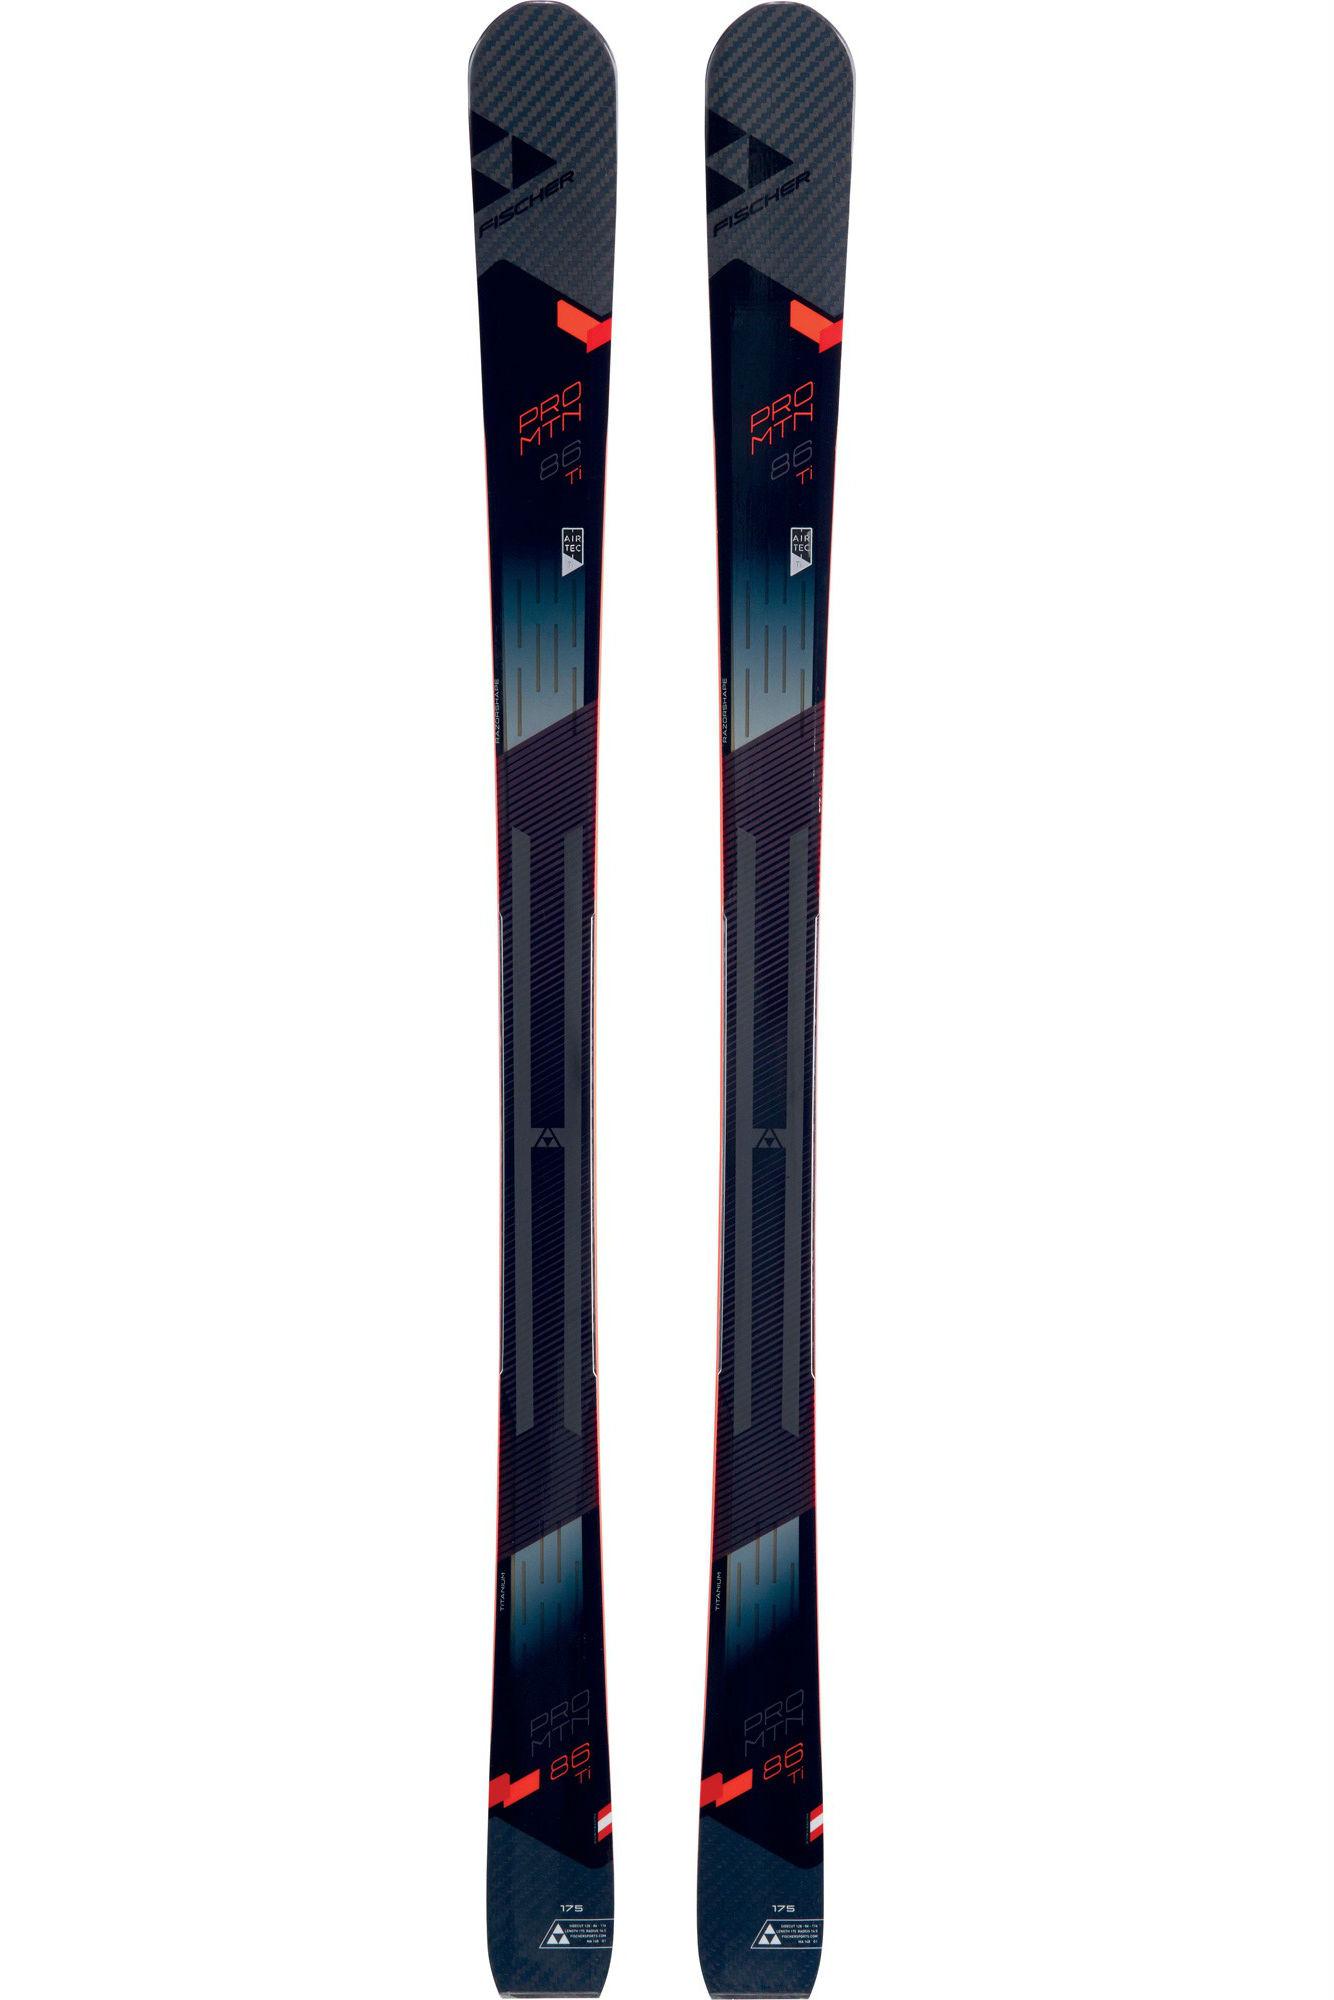 Ski Fischer Pro Mt 86 Ti